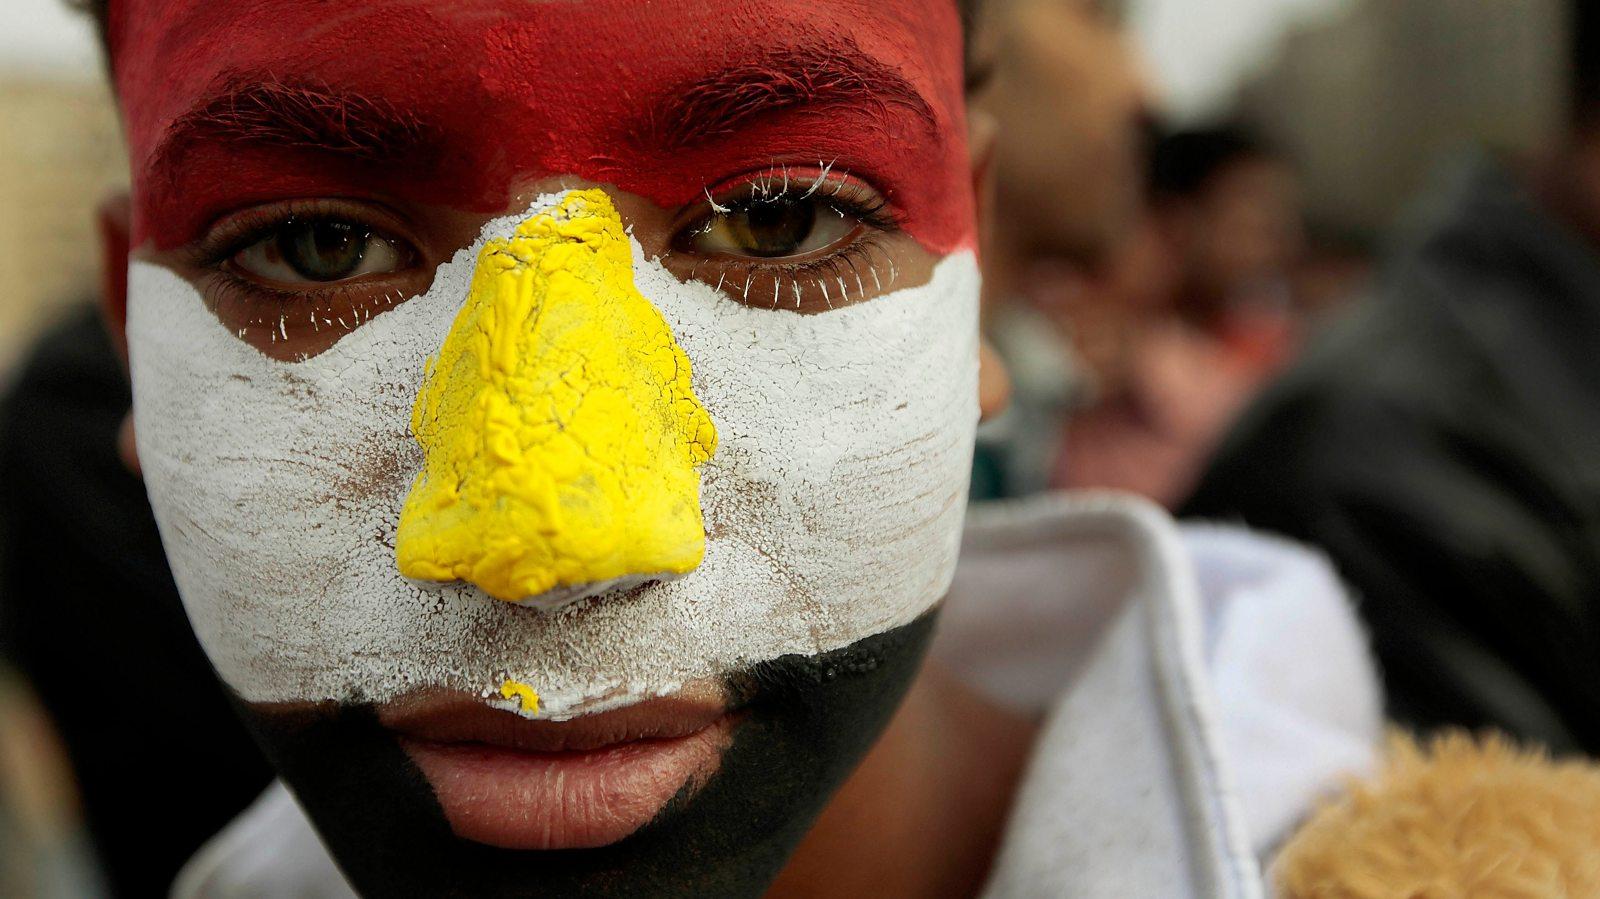 Are Egypt's dreams of democracy still alive?